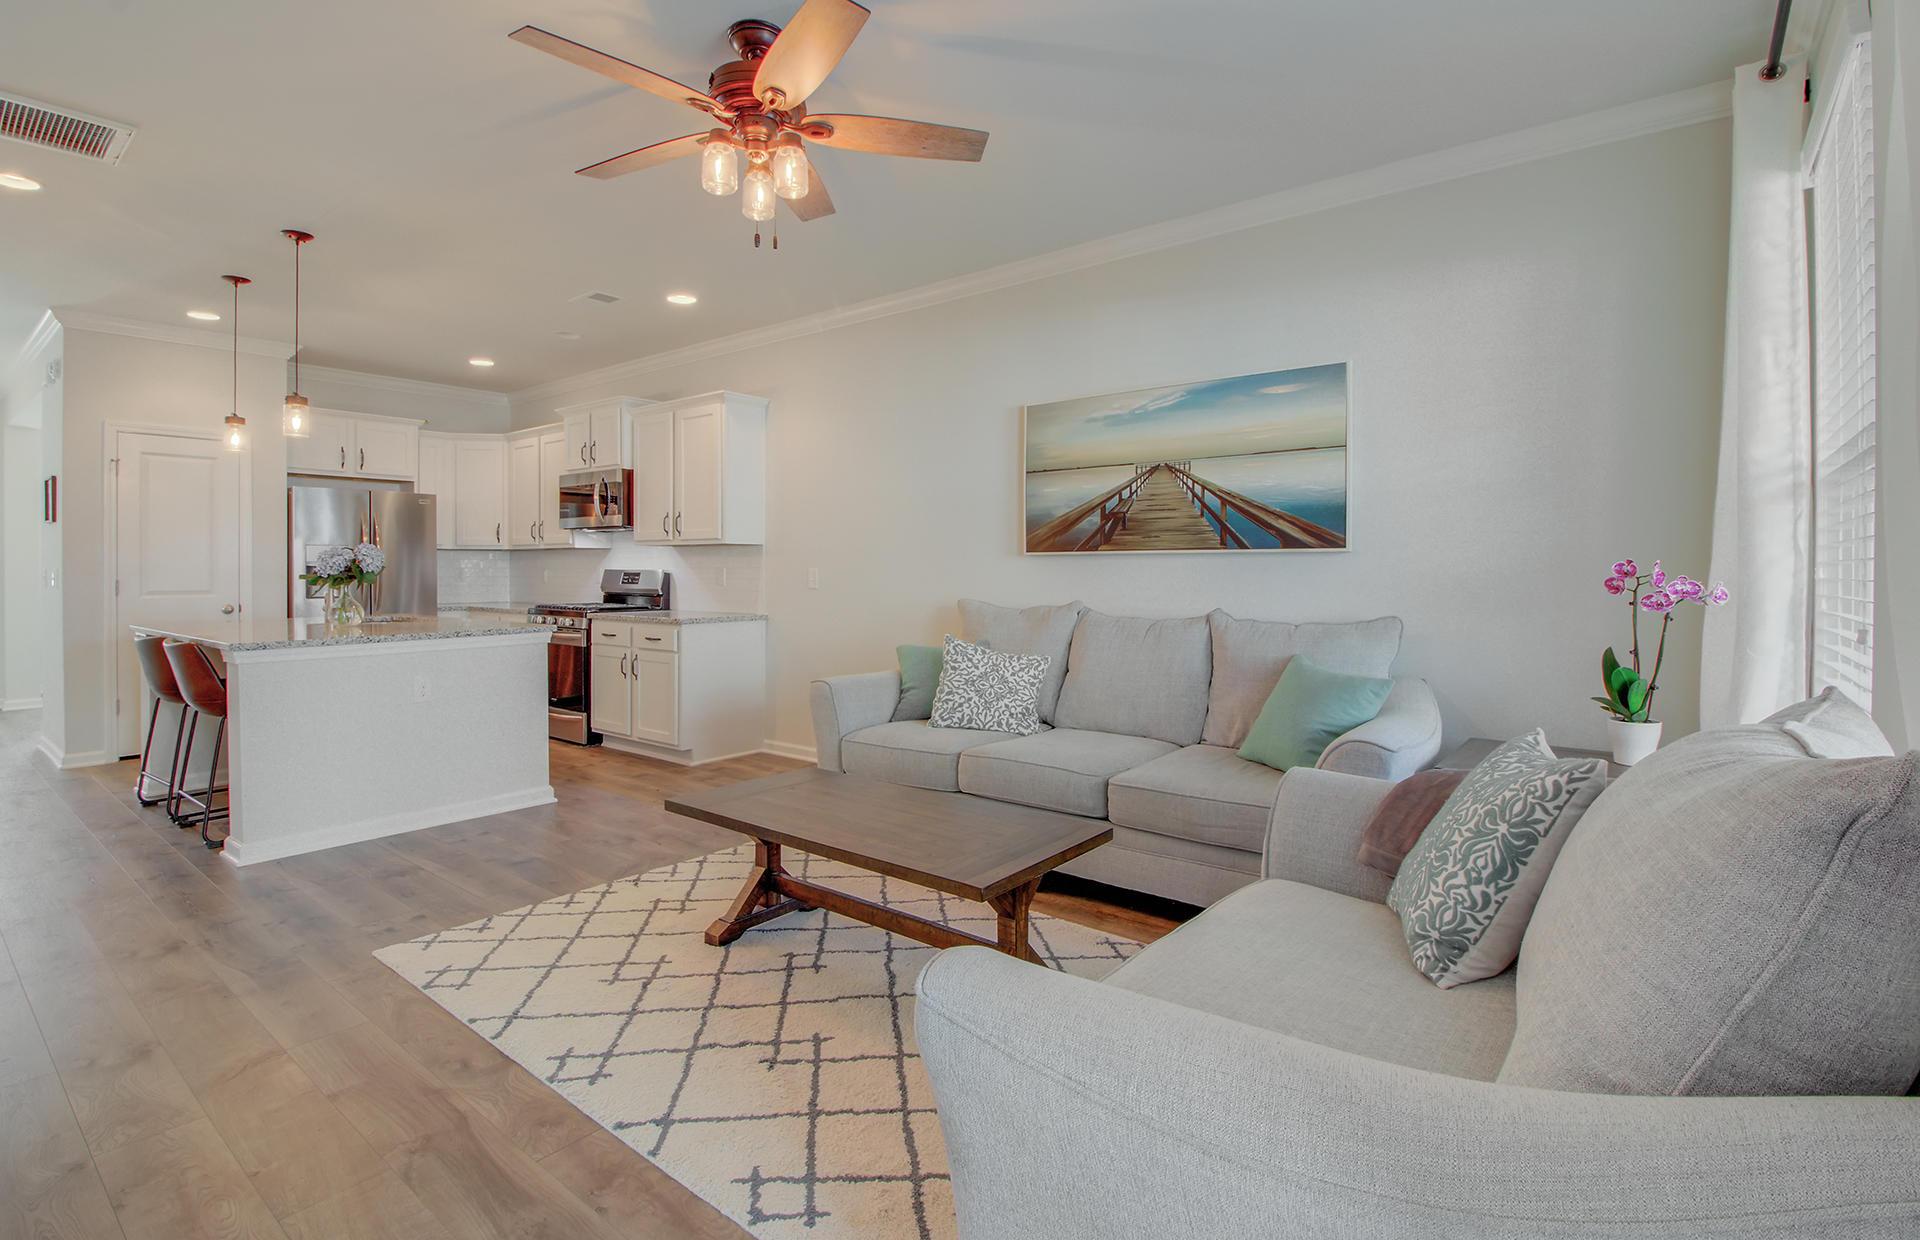 Park West Homes For Sale - 2569 Kingsfield, Mount Pleasant, SC - 18